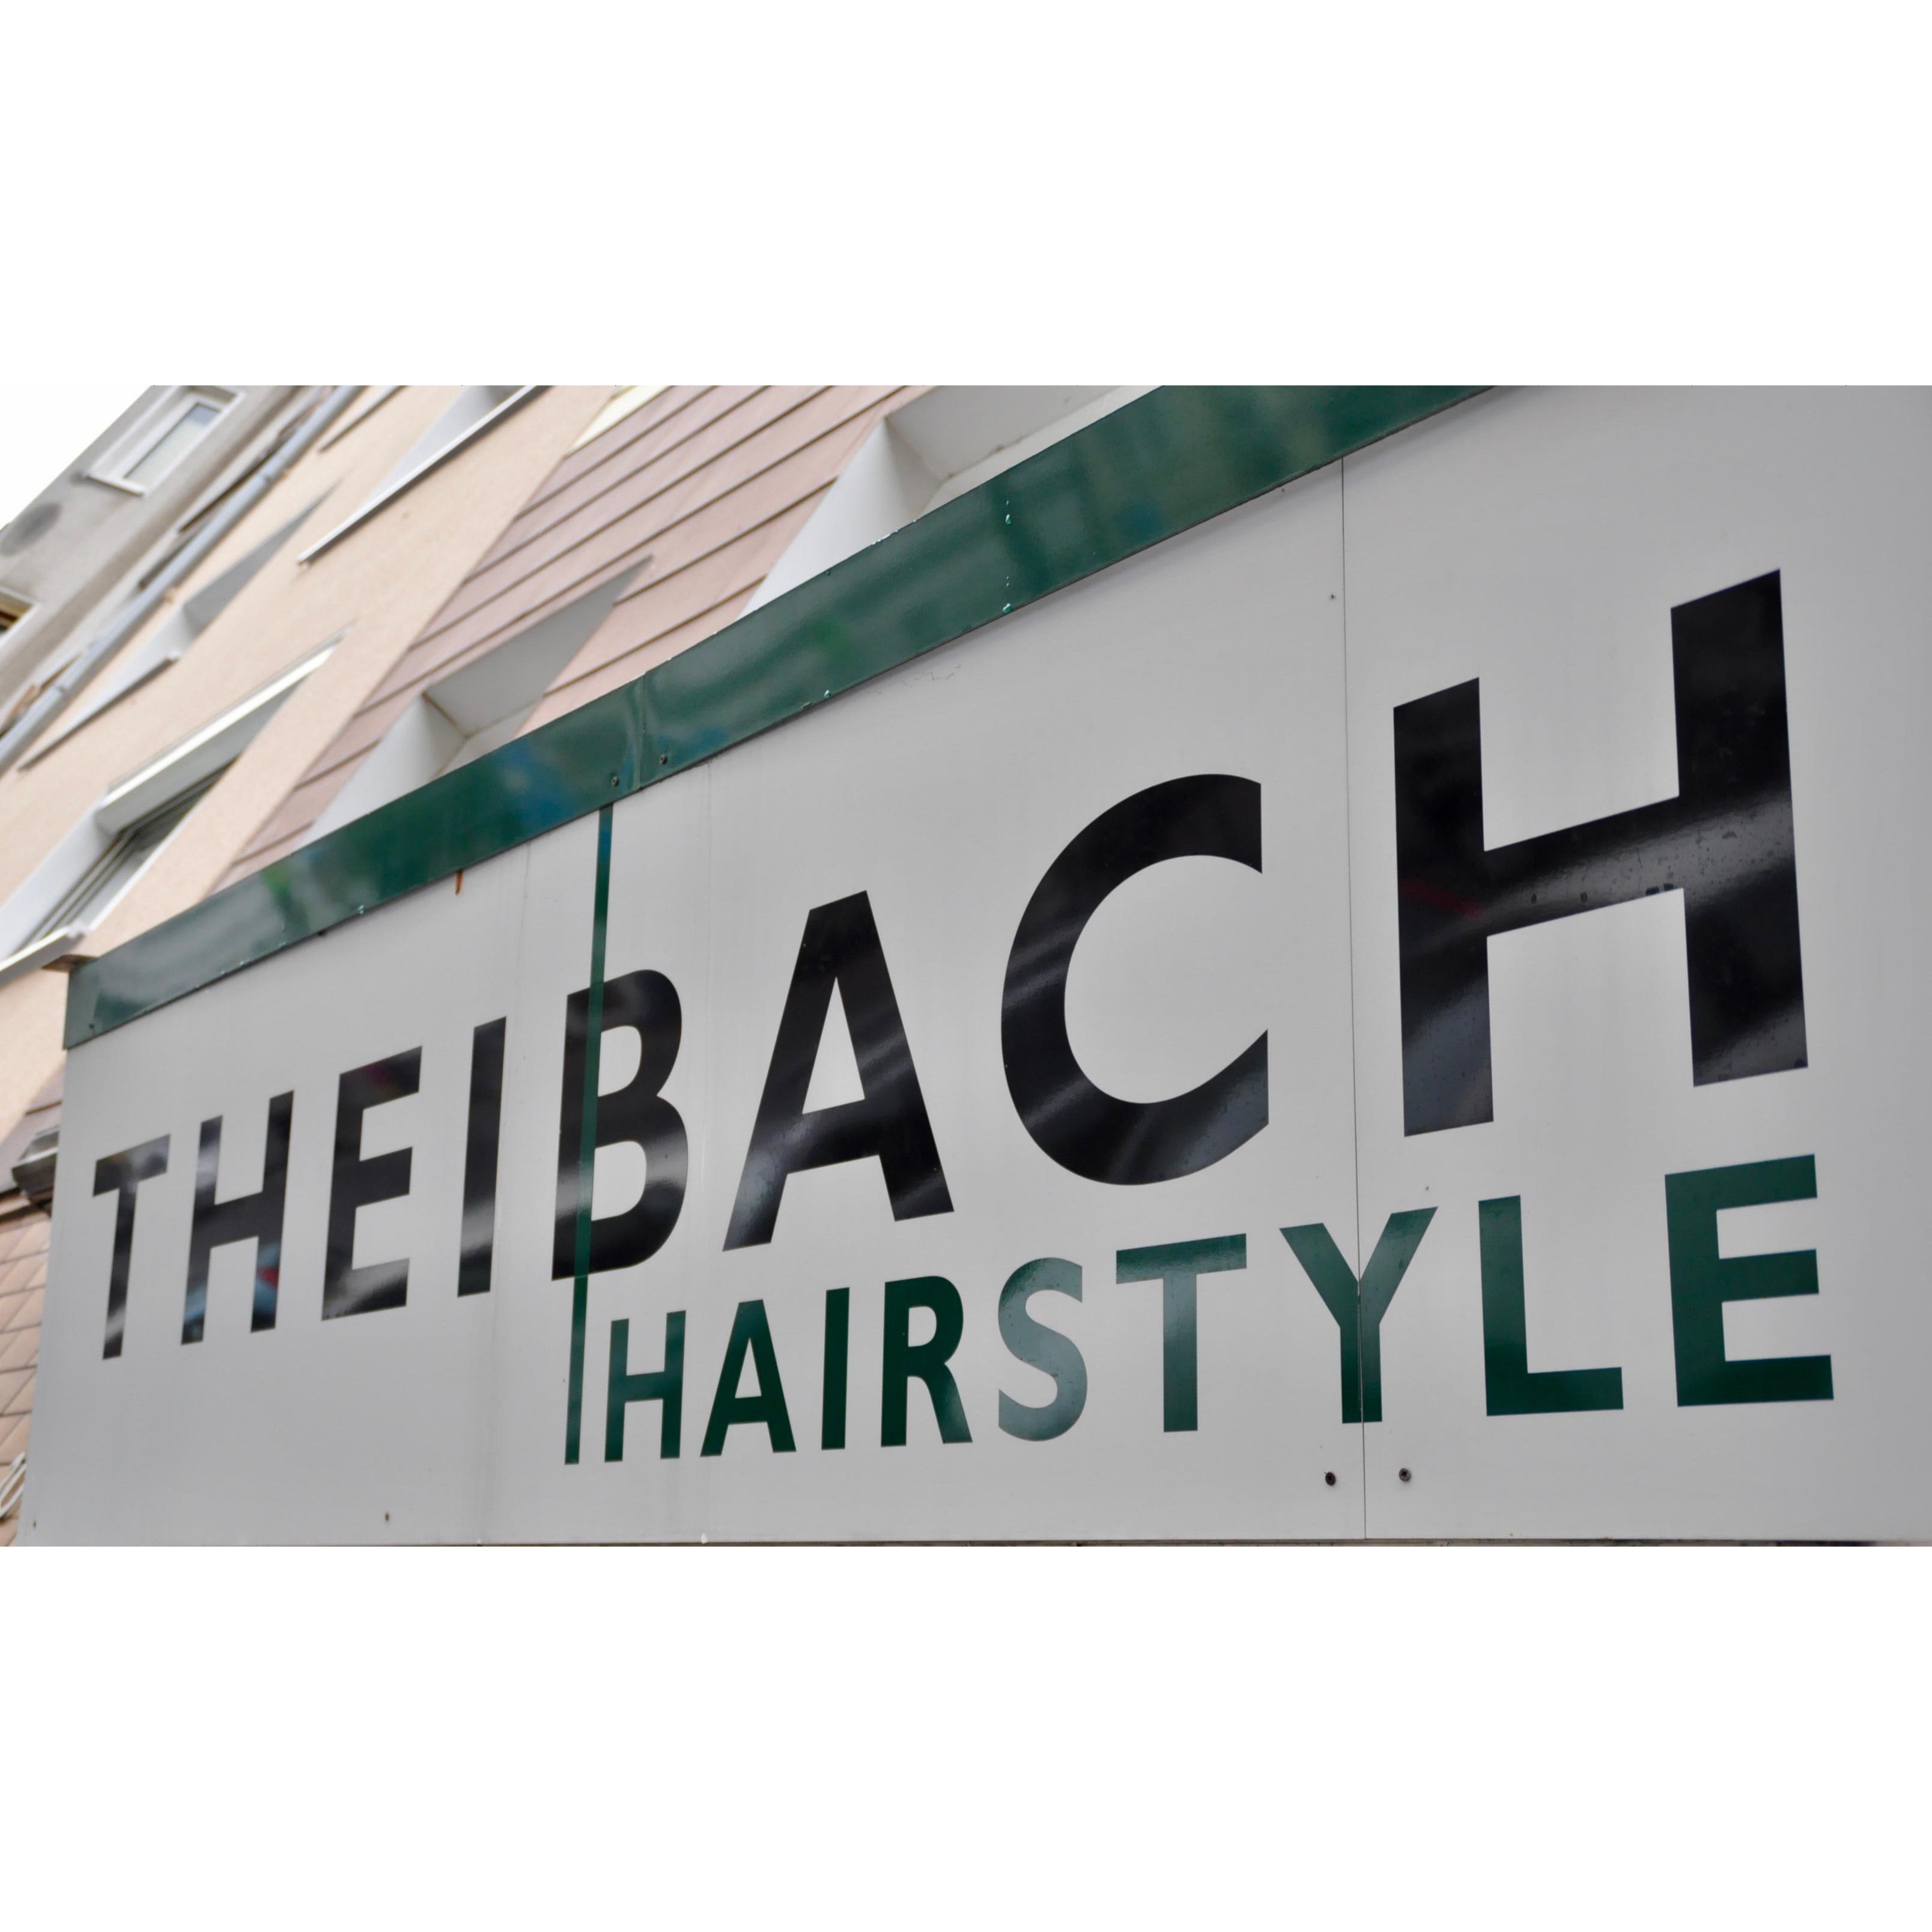 Theibach Hairstyle Friseur Köln